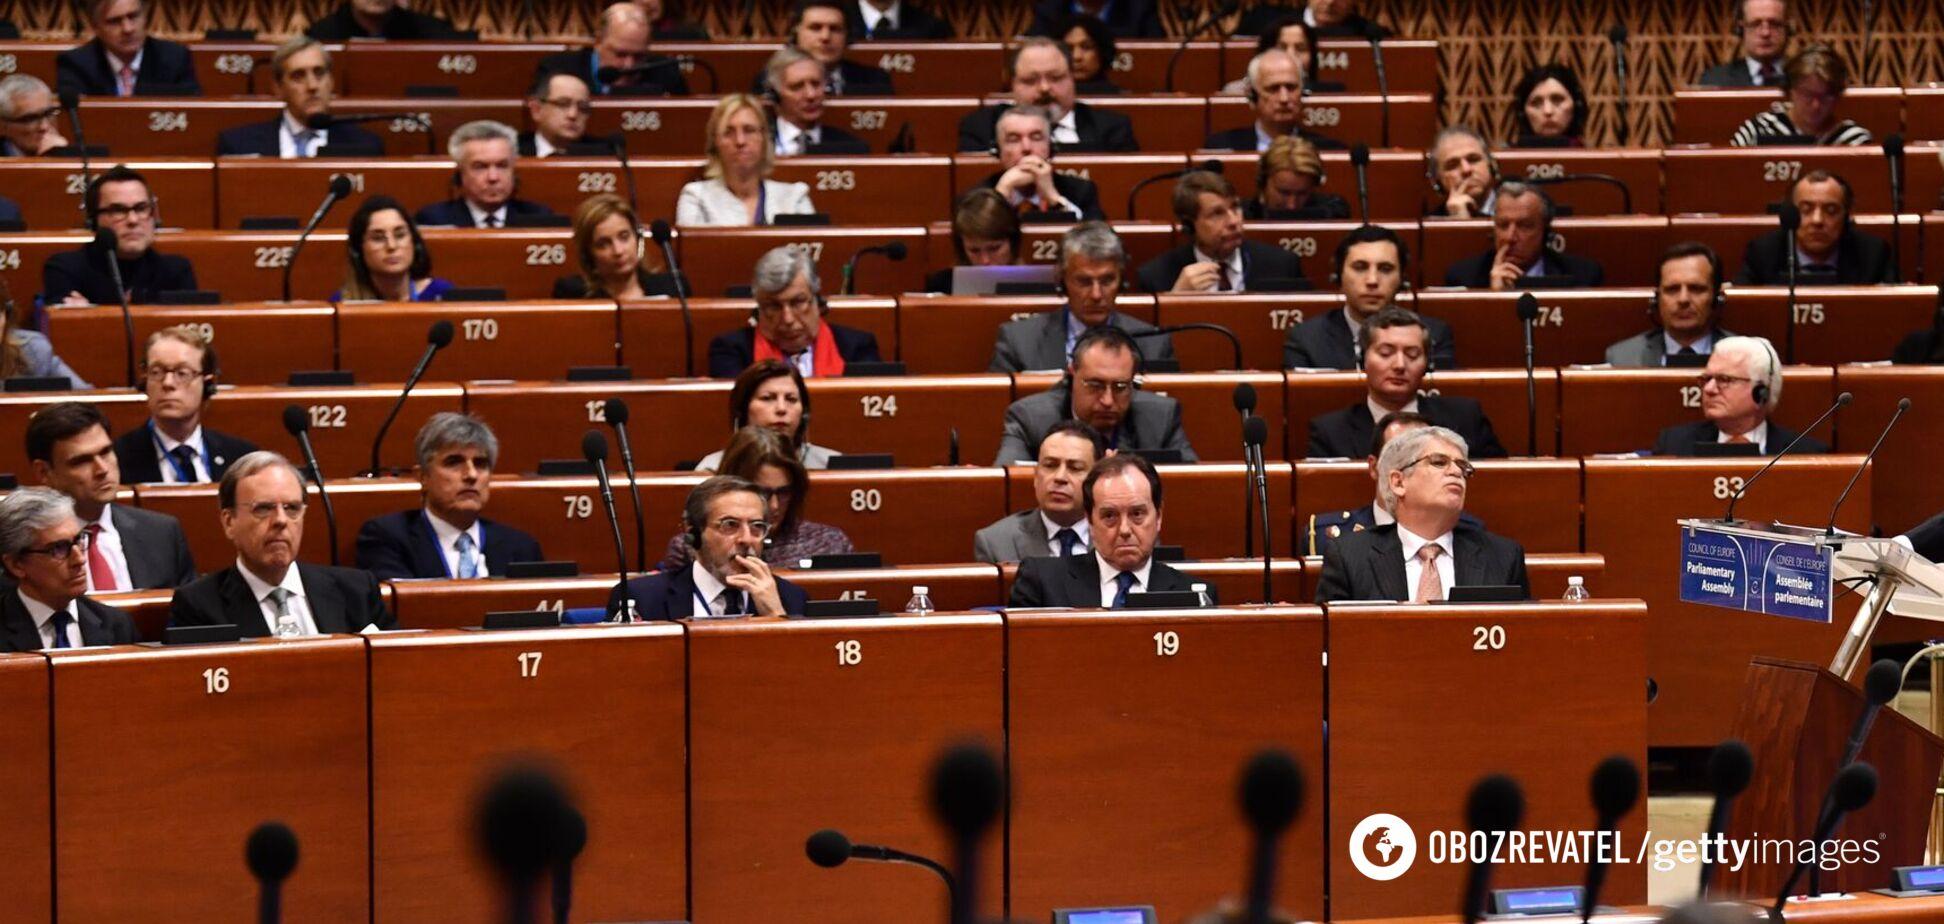 Про бажання приєднатися до Ради Європи Україна заявила 14 липня 1992 року